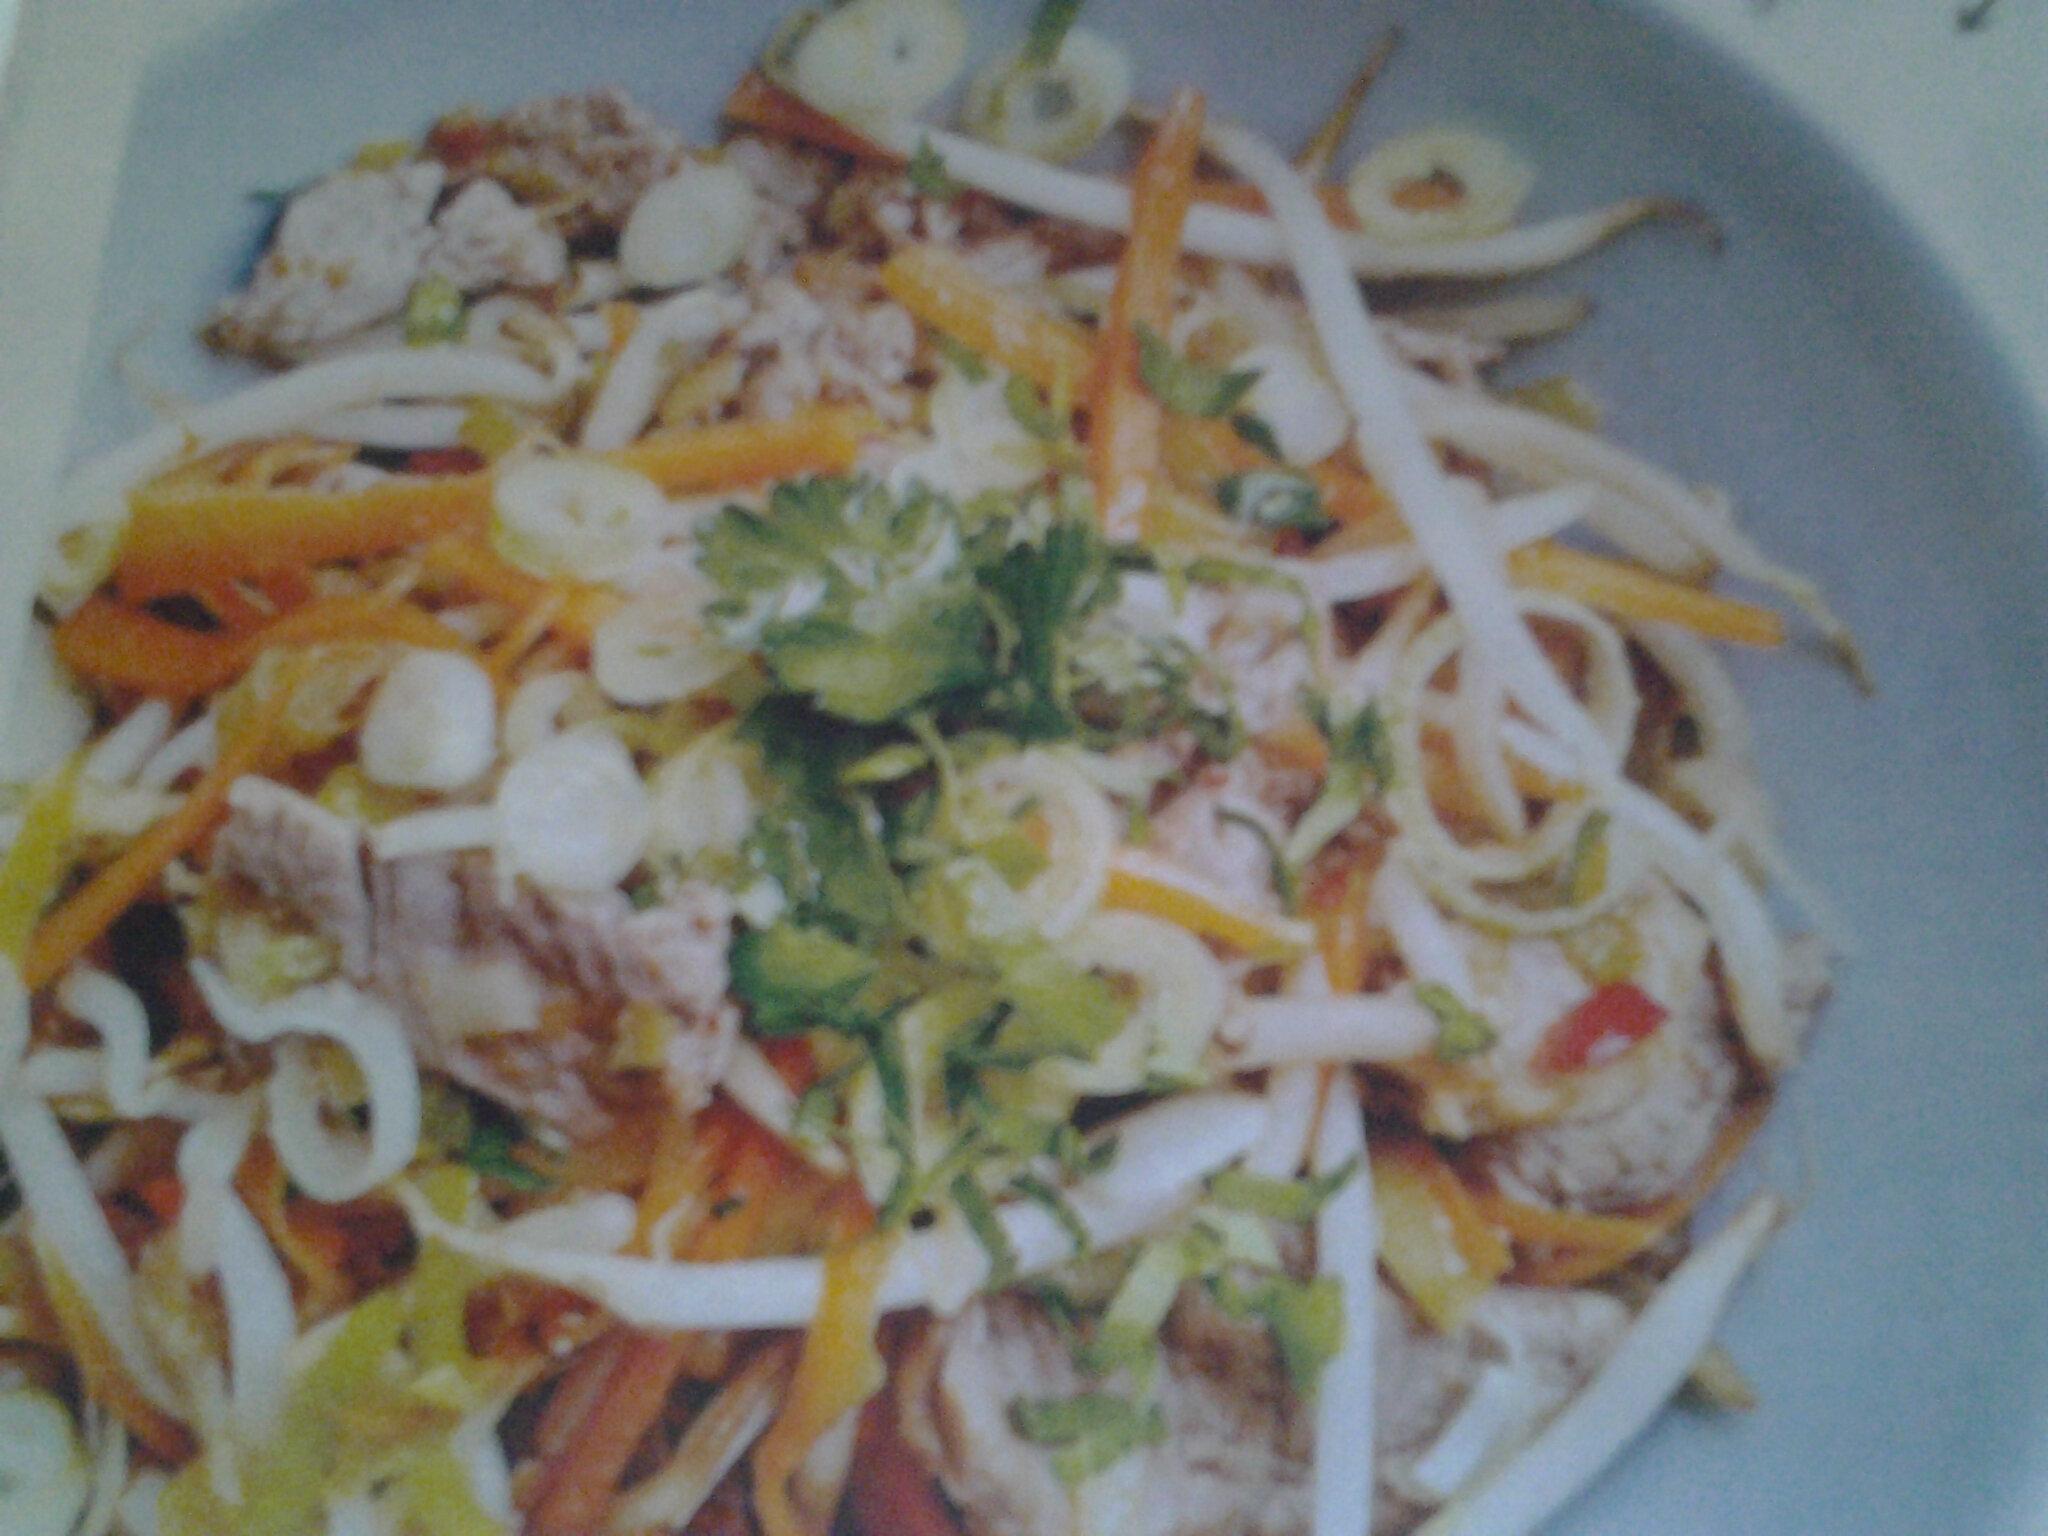 Wok de boeuf aux poireaux, carottes, jeunes oignons et germes de soja